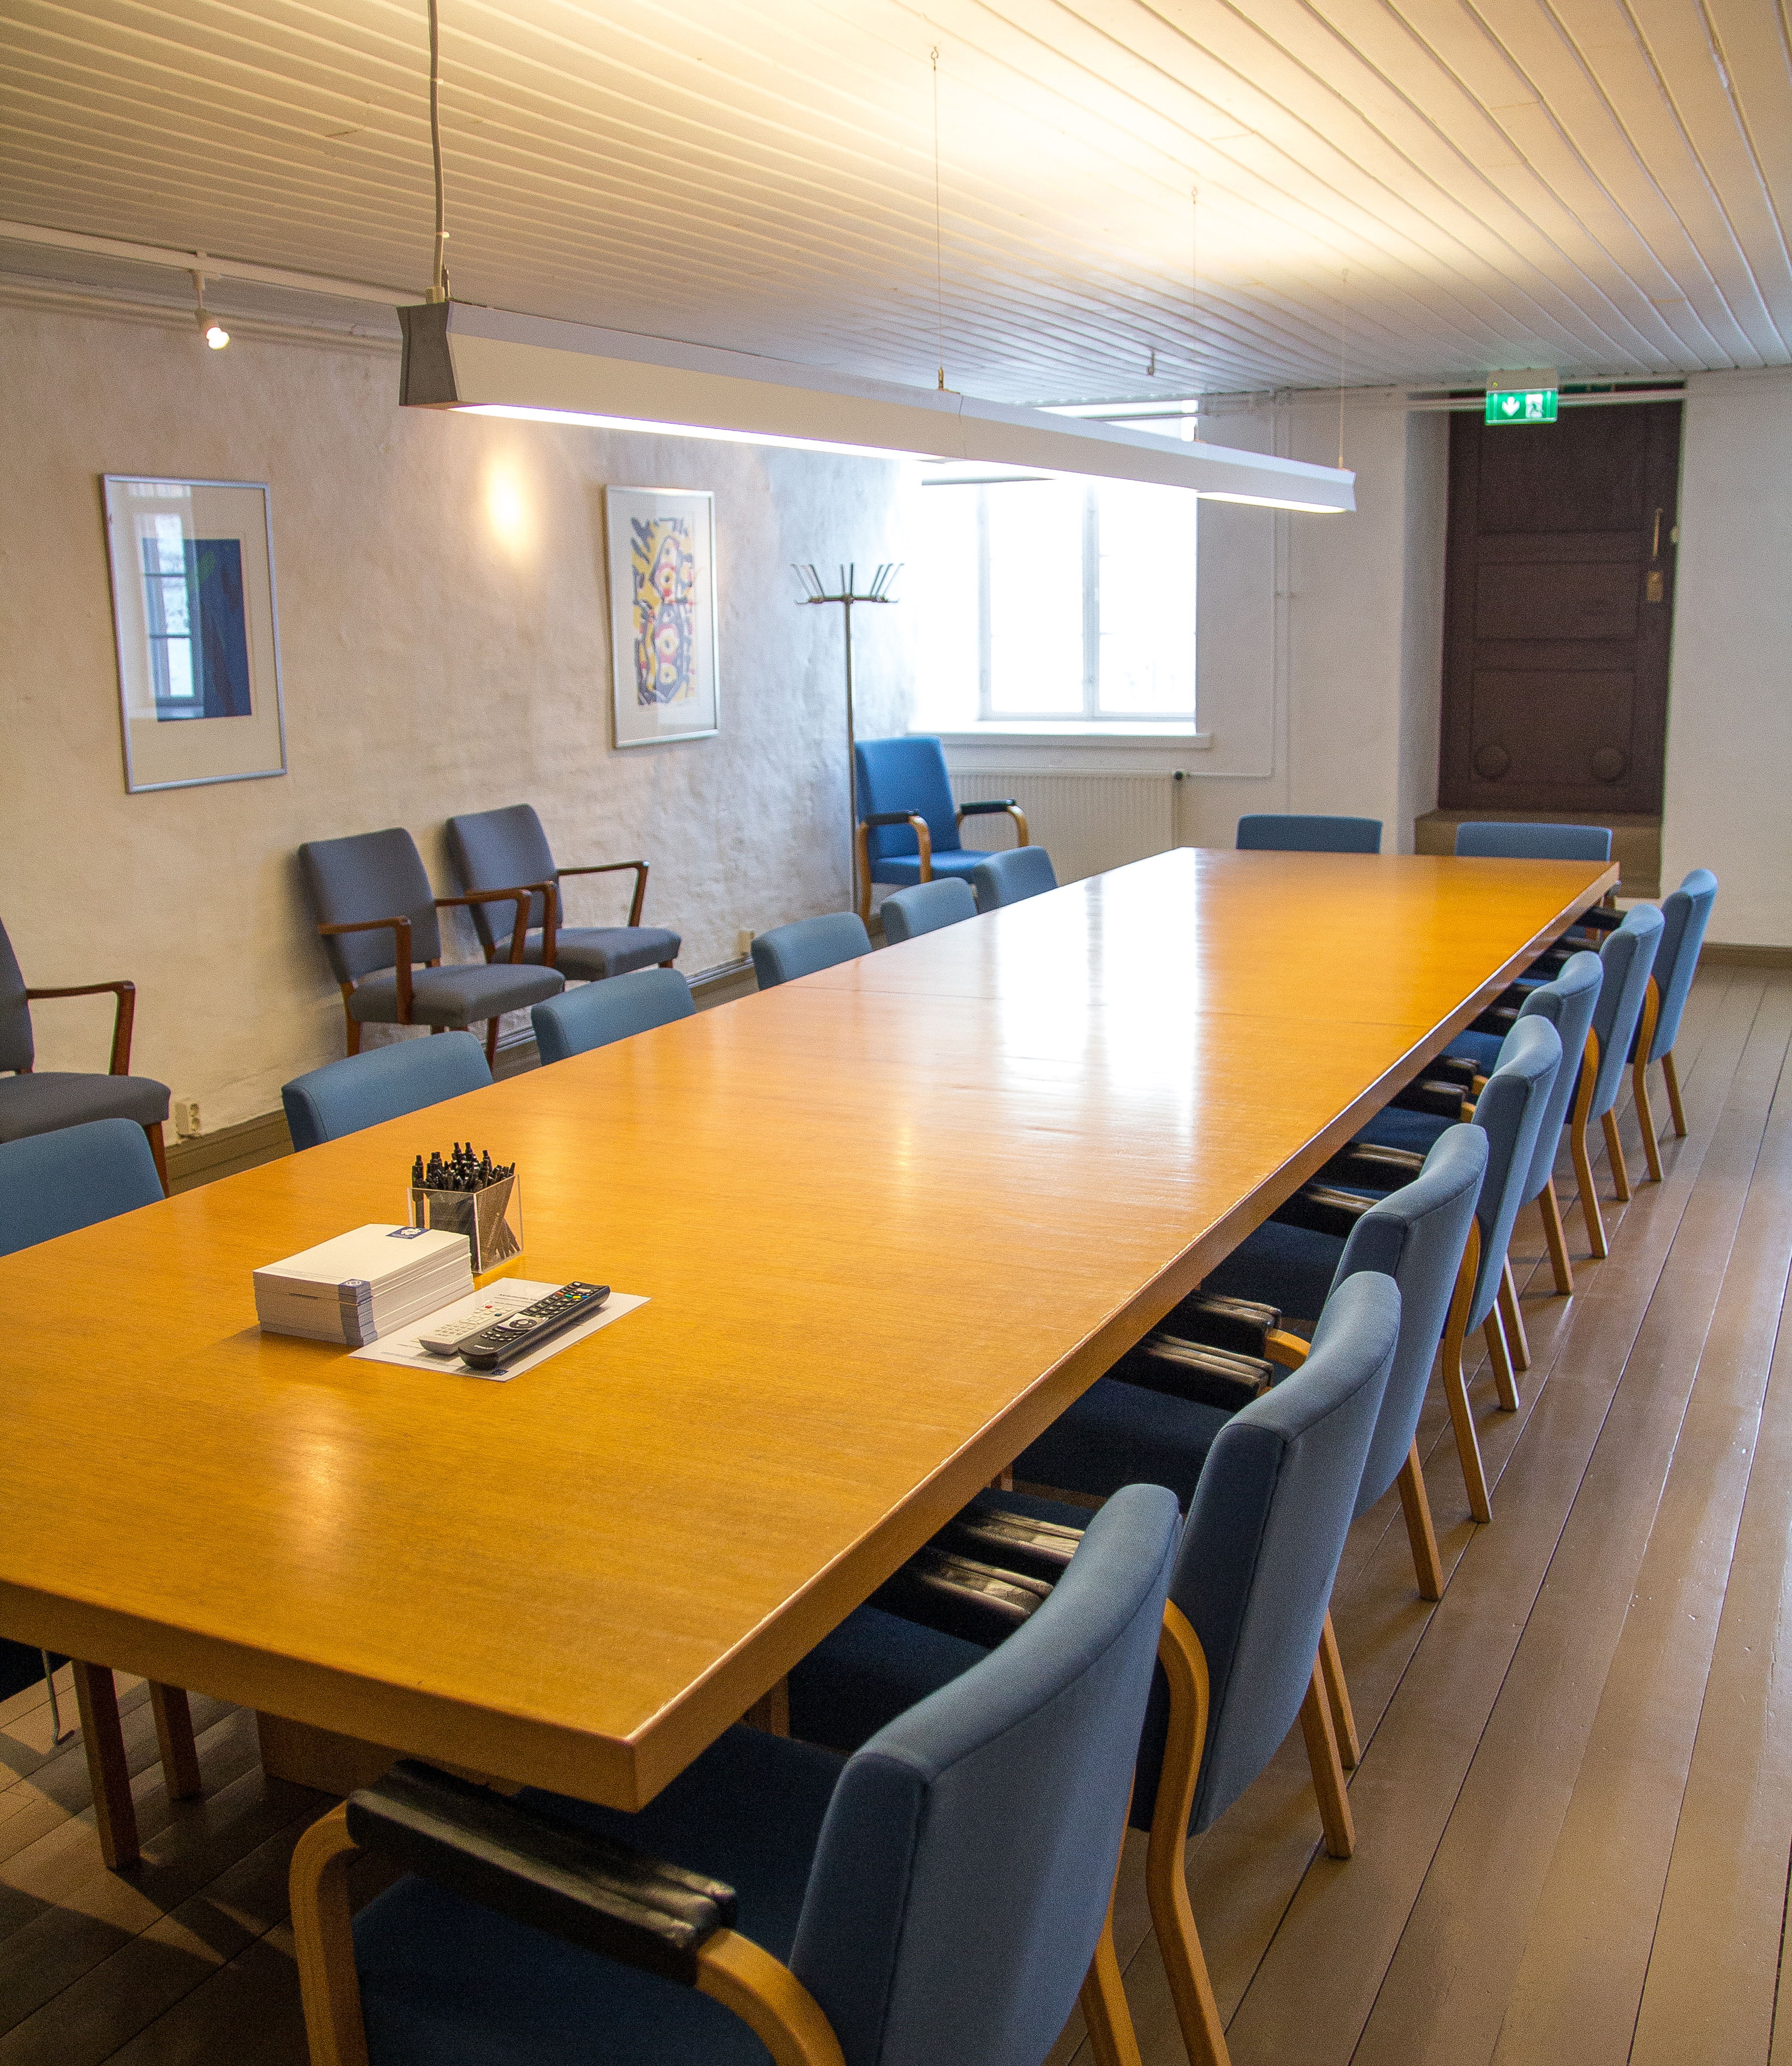 Pitkä puinen pöytä ja sinisiä kokoustuoleja.